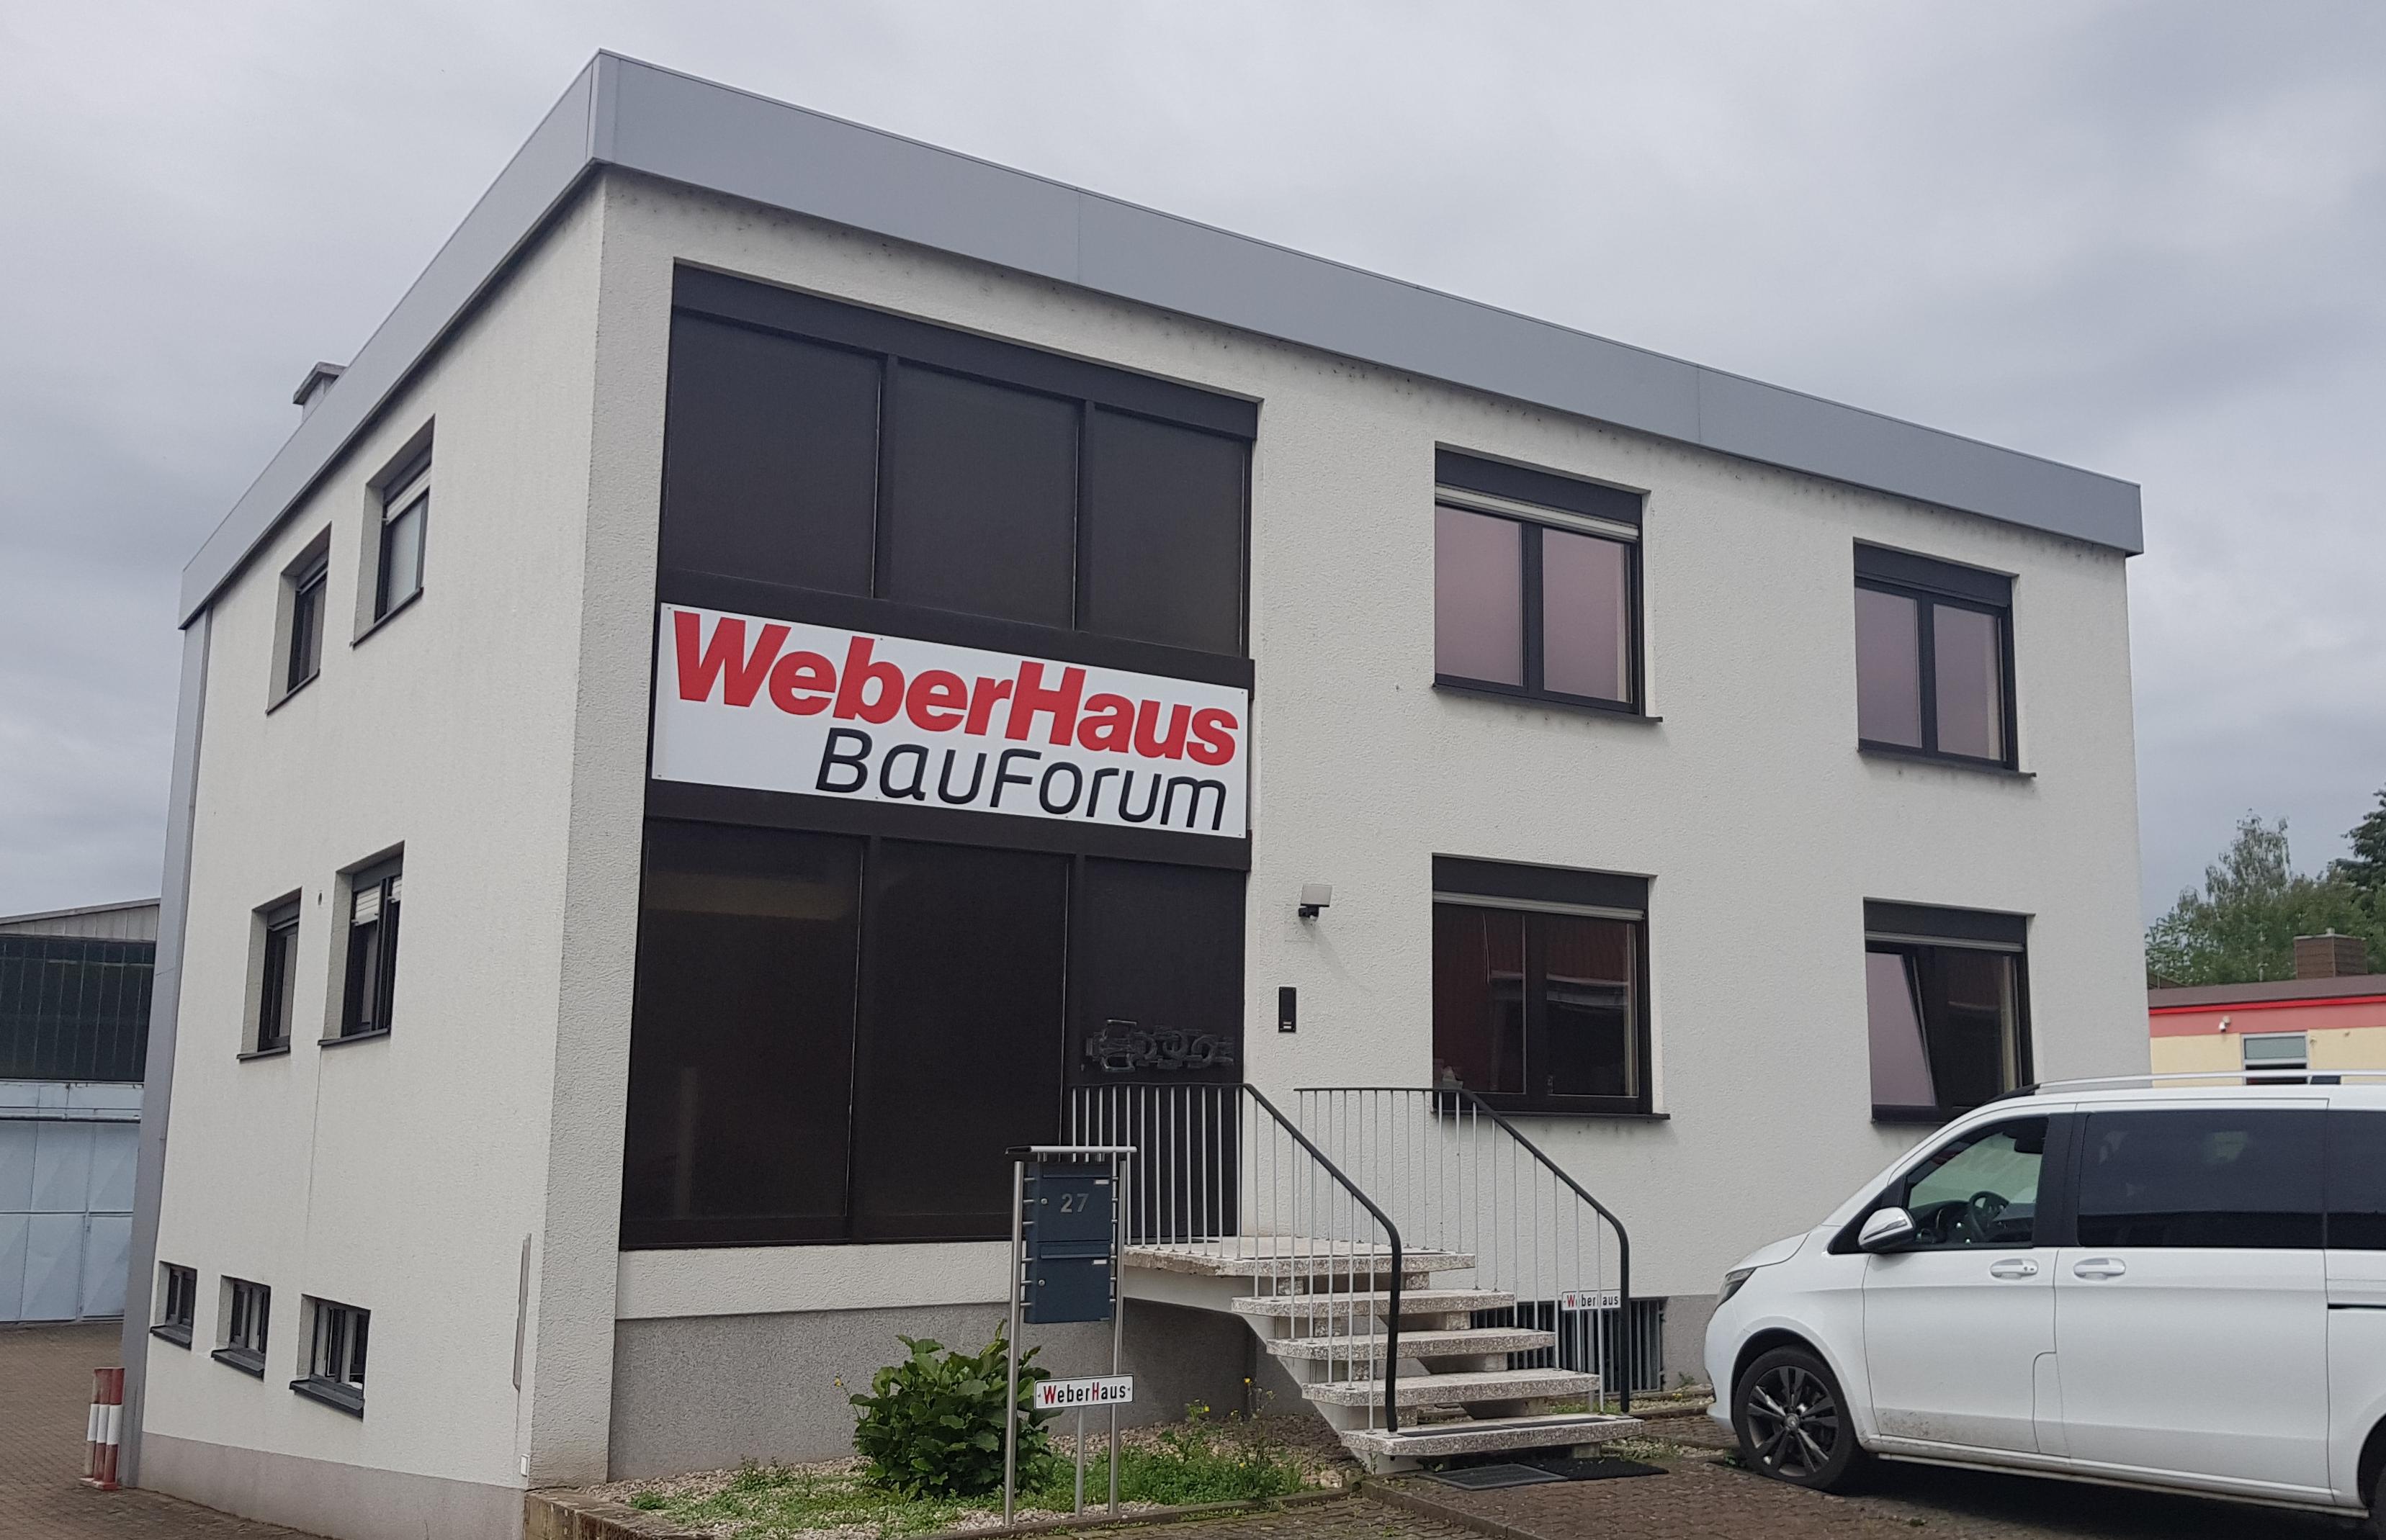 WeberHaus GmbH & Co. KG Bauforum Saarlouis